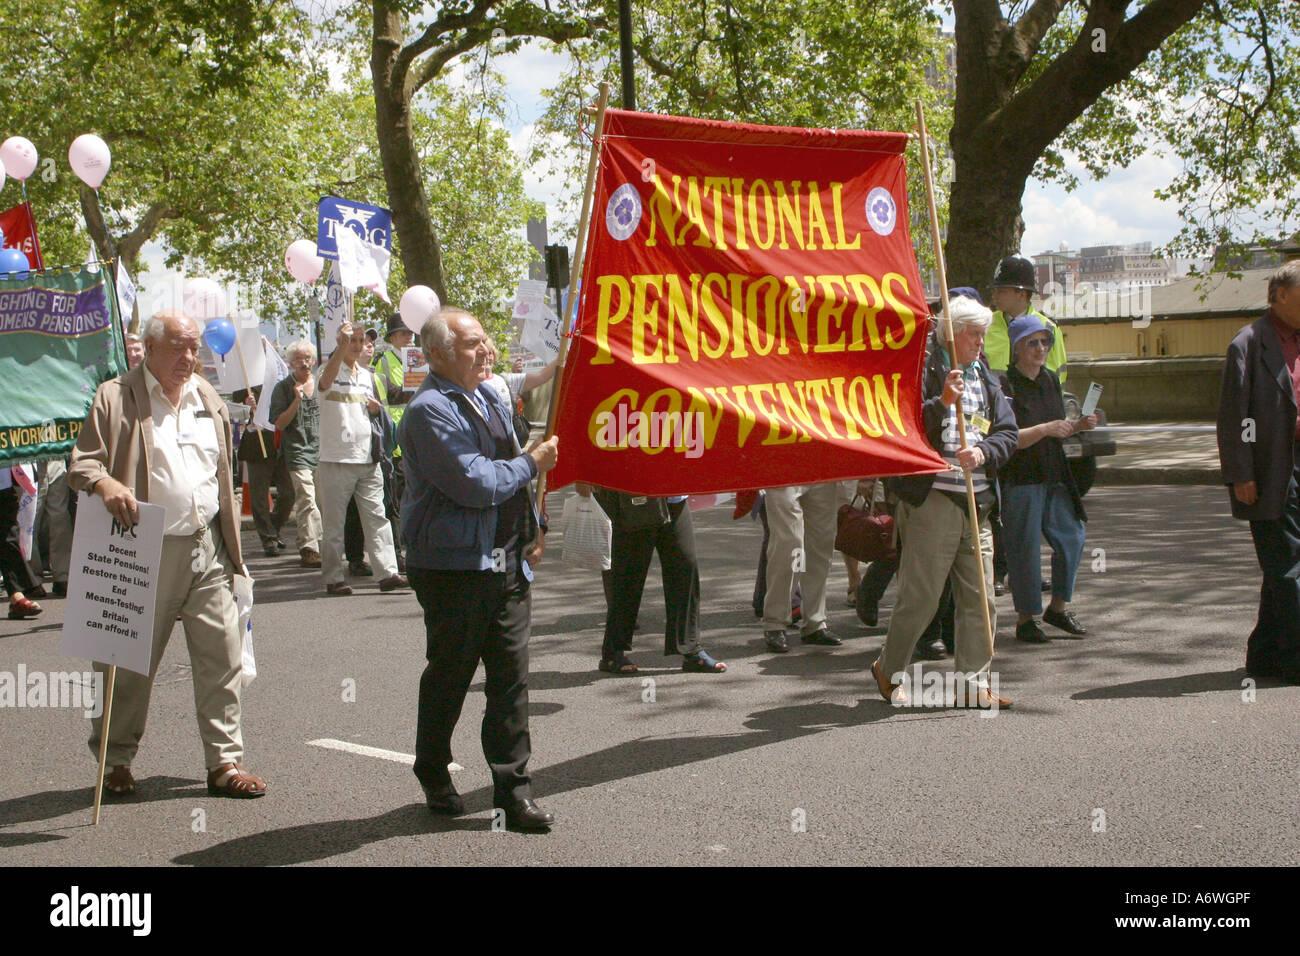 Demostración de la calle apoyando a los pensionistas de derechos. Imagen De Stock